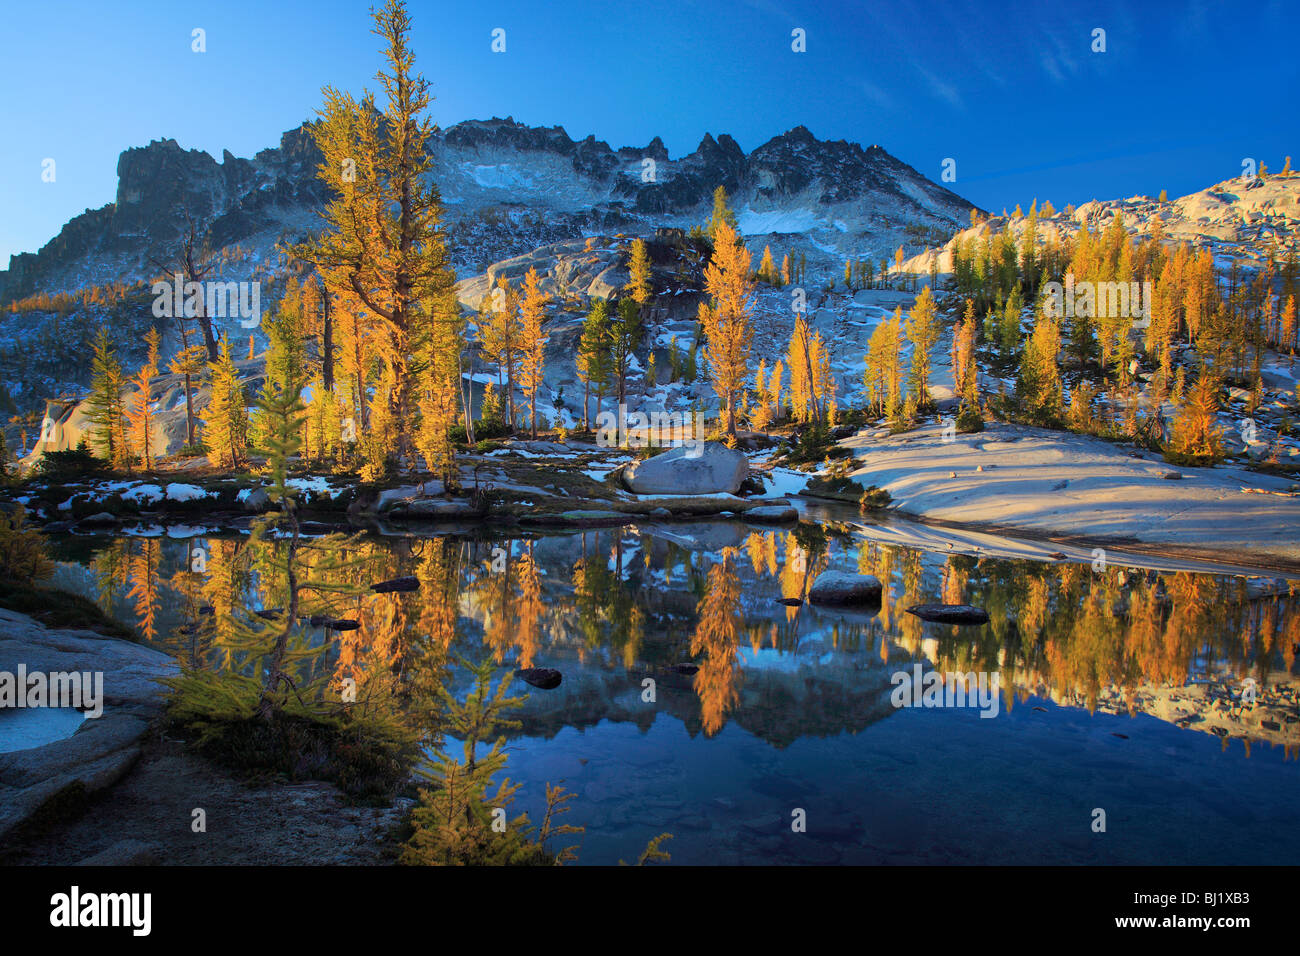 Alerces en el Encantamiento Lakes wilderness en el estado de Washington, EE.UU. Imagen De Stock